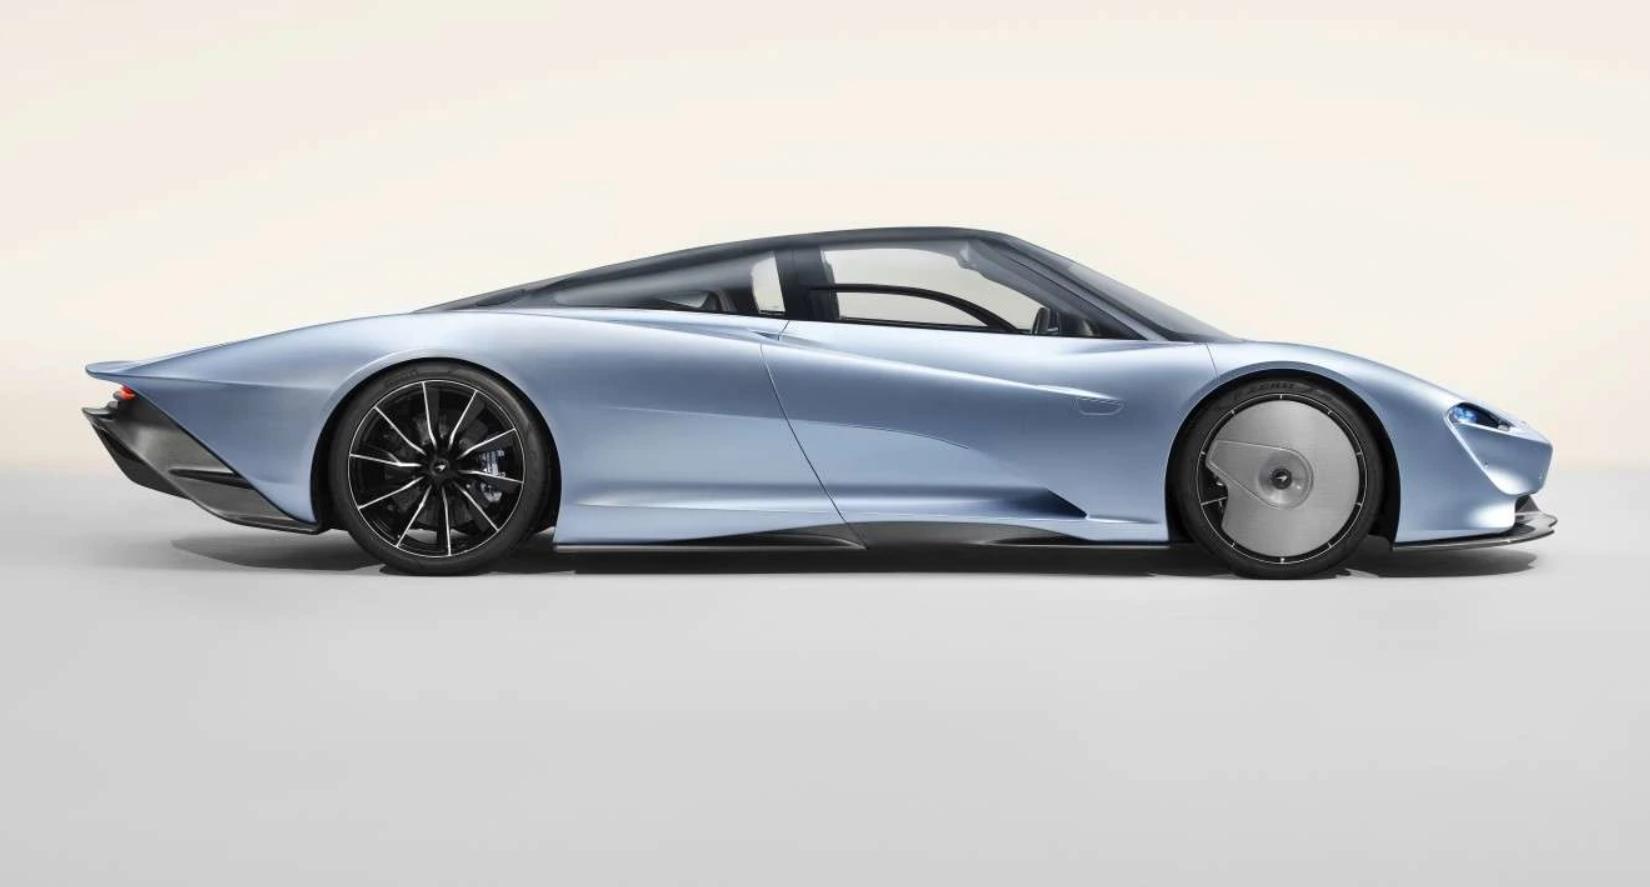 2019 - [McLaren] Speedtail (BP23) - Page 2 Oa7tnfcfkwvnoc33iadx